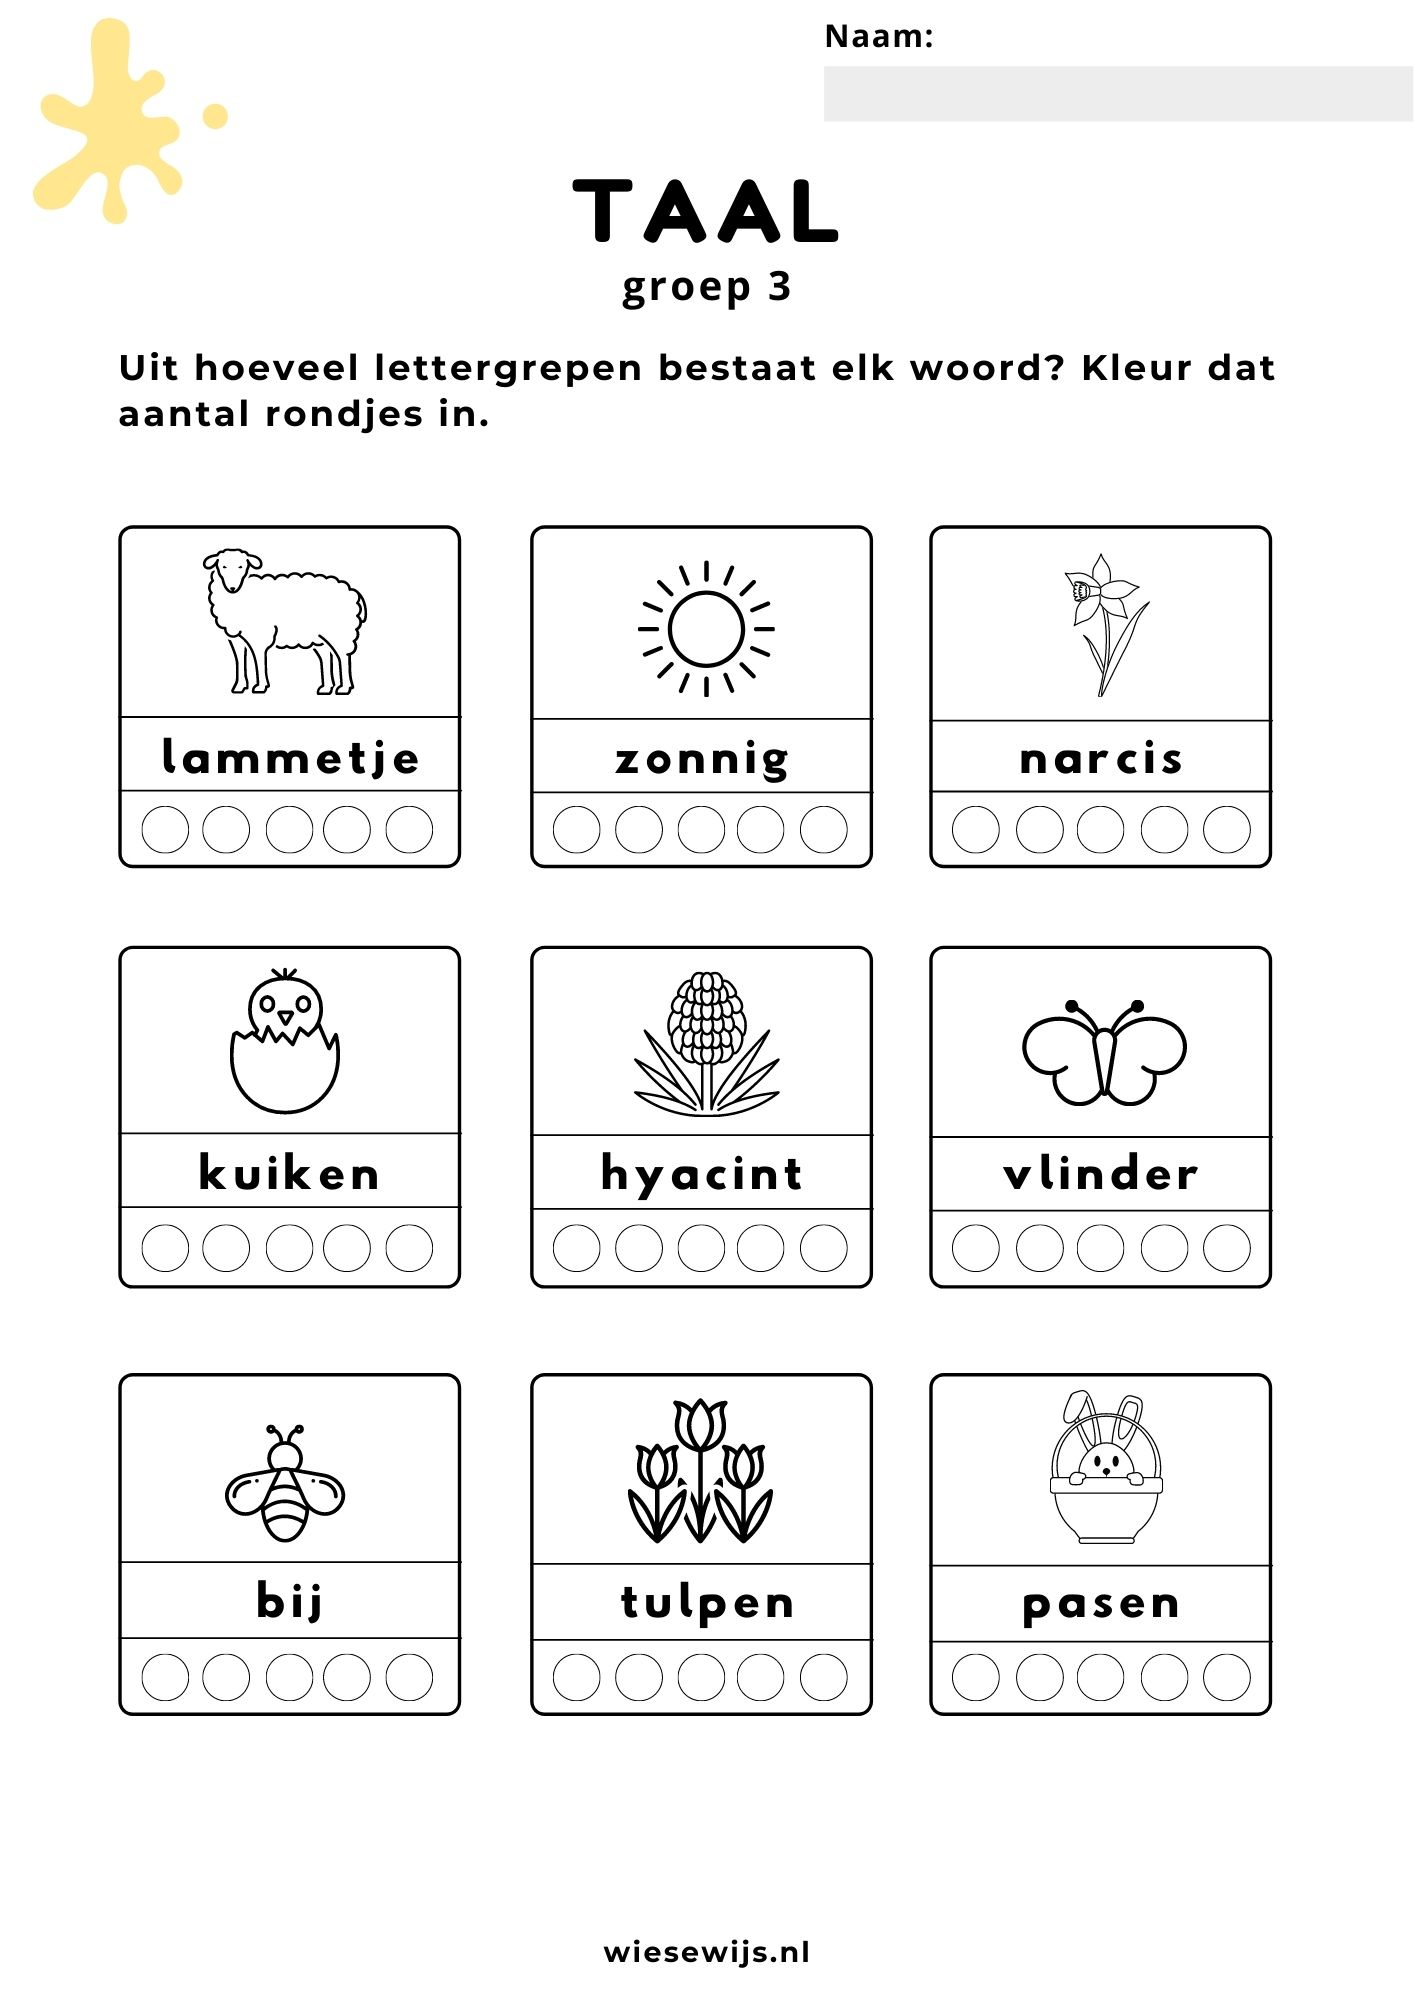 taal - lettergrepen - lente